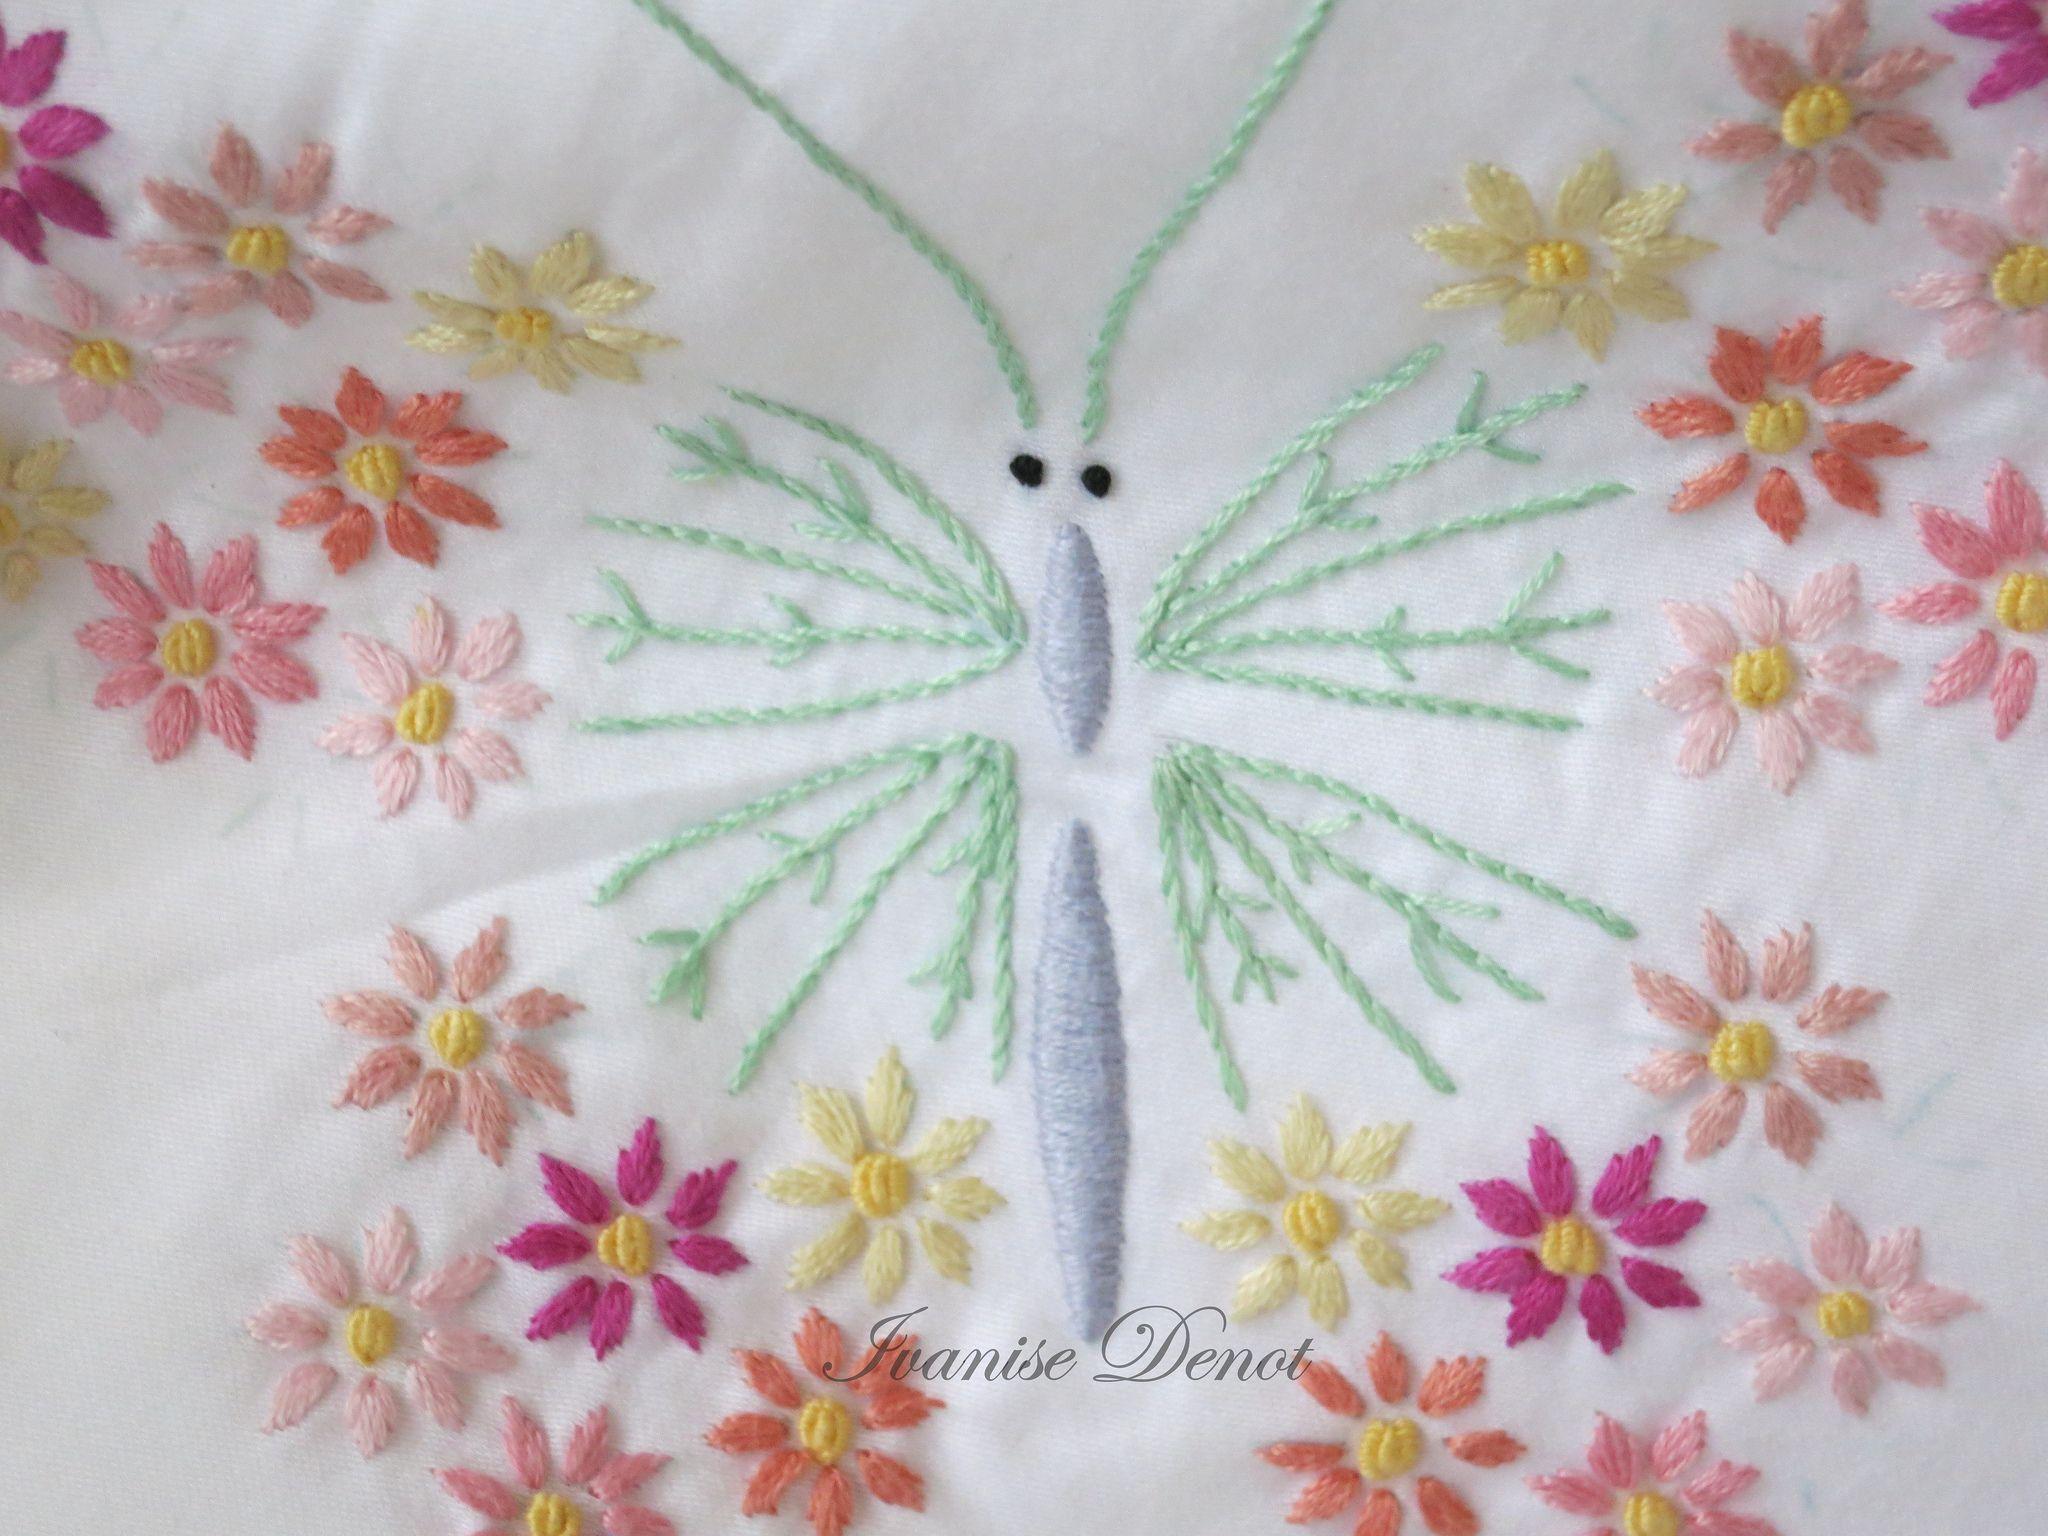 https://flic.kr/p/fdSQxD   Embroidery-Detalhe